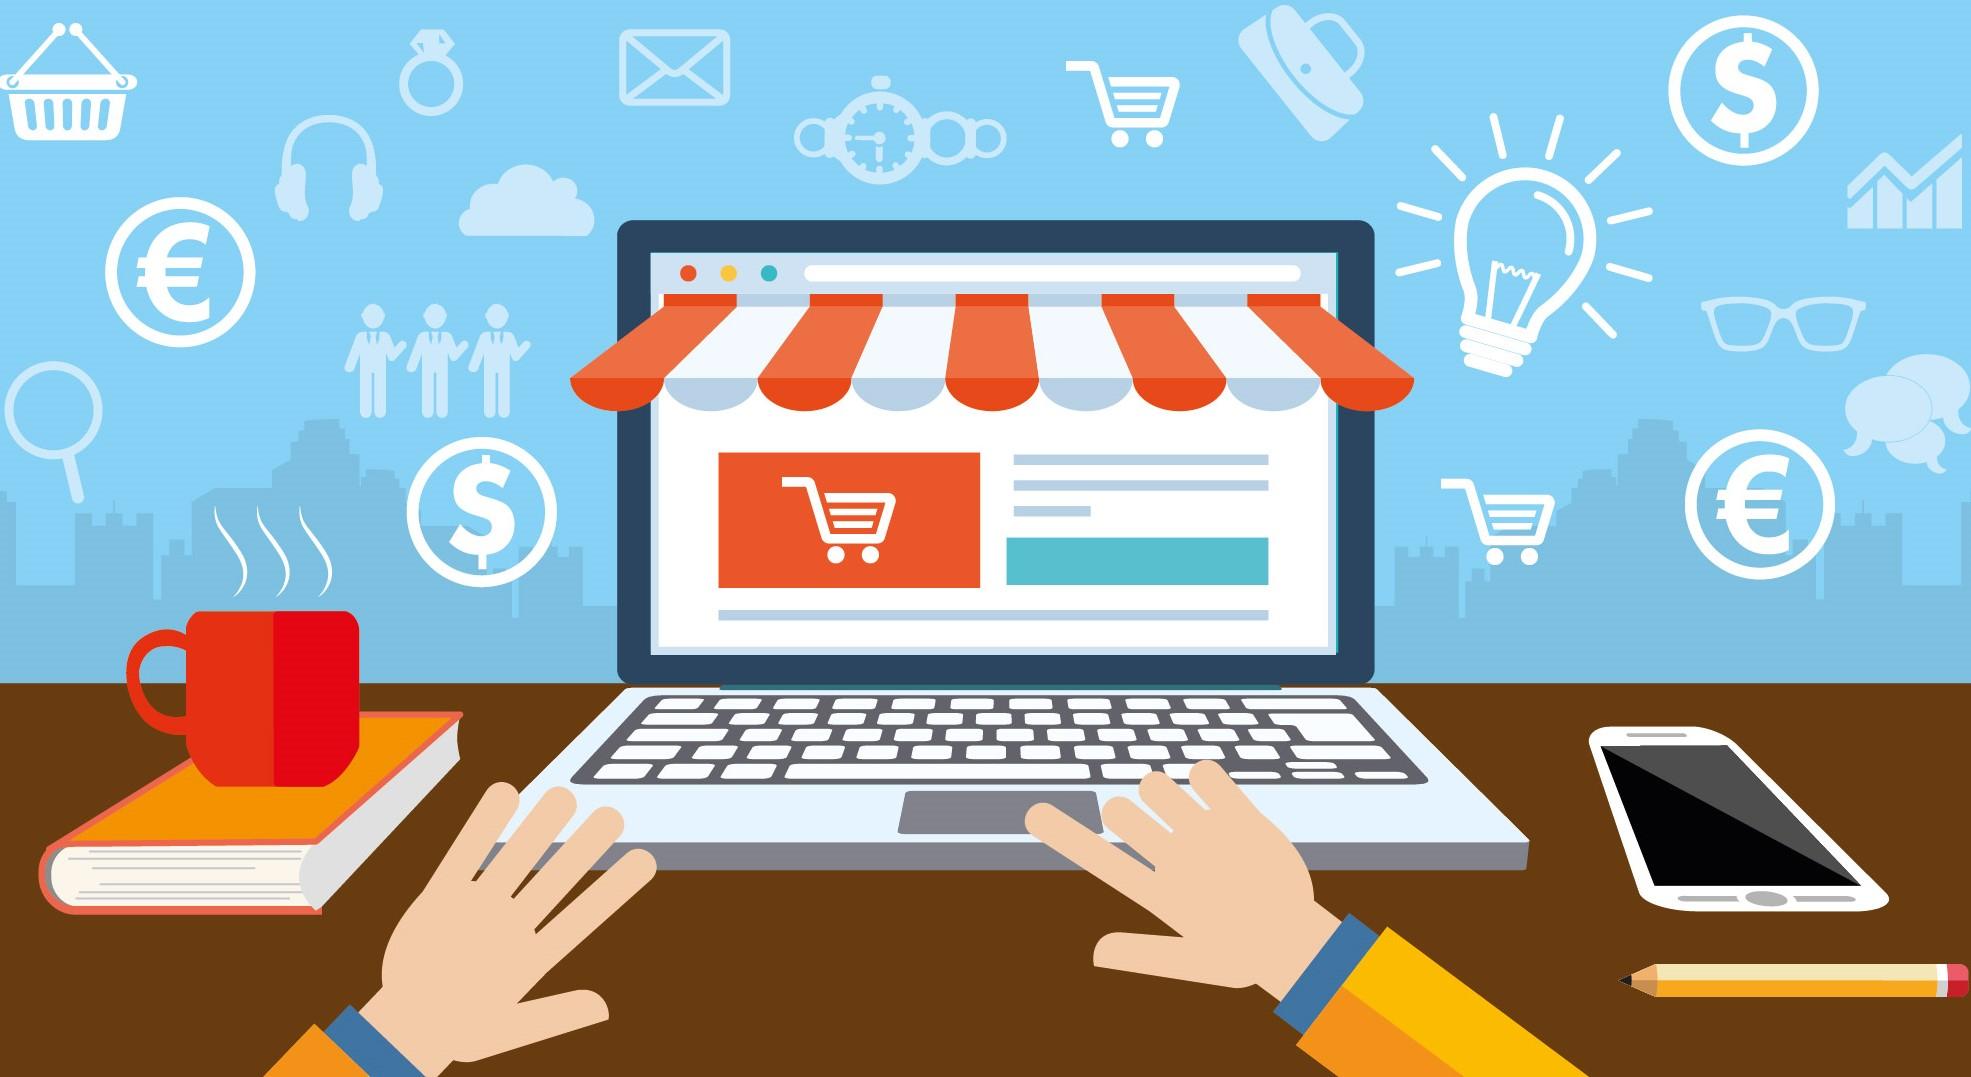 6 Tuyệt chiêu bán hàng online mùa Covid đạt hiệu quả kinh doanh khủng